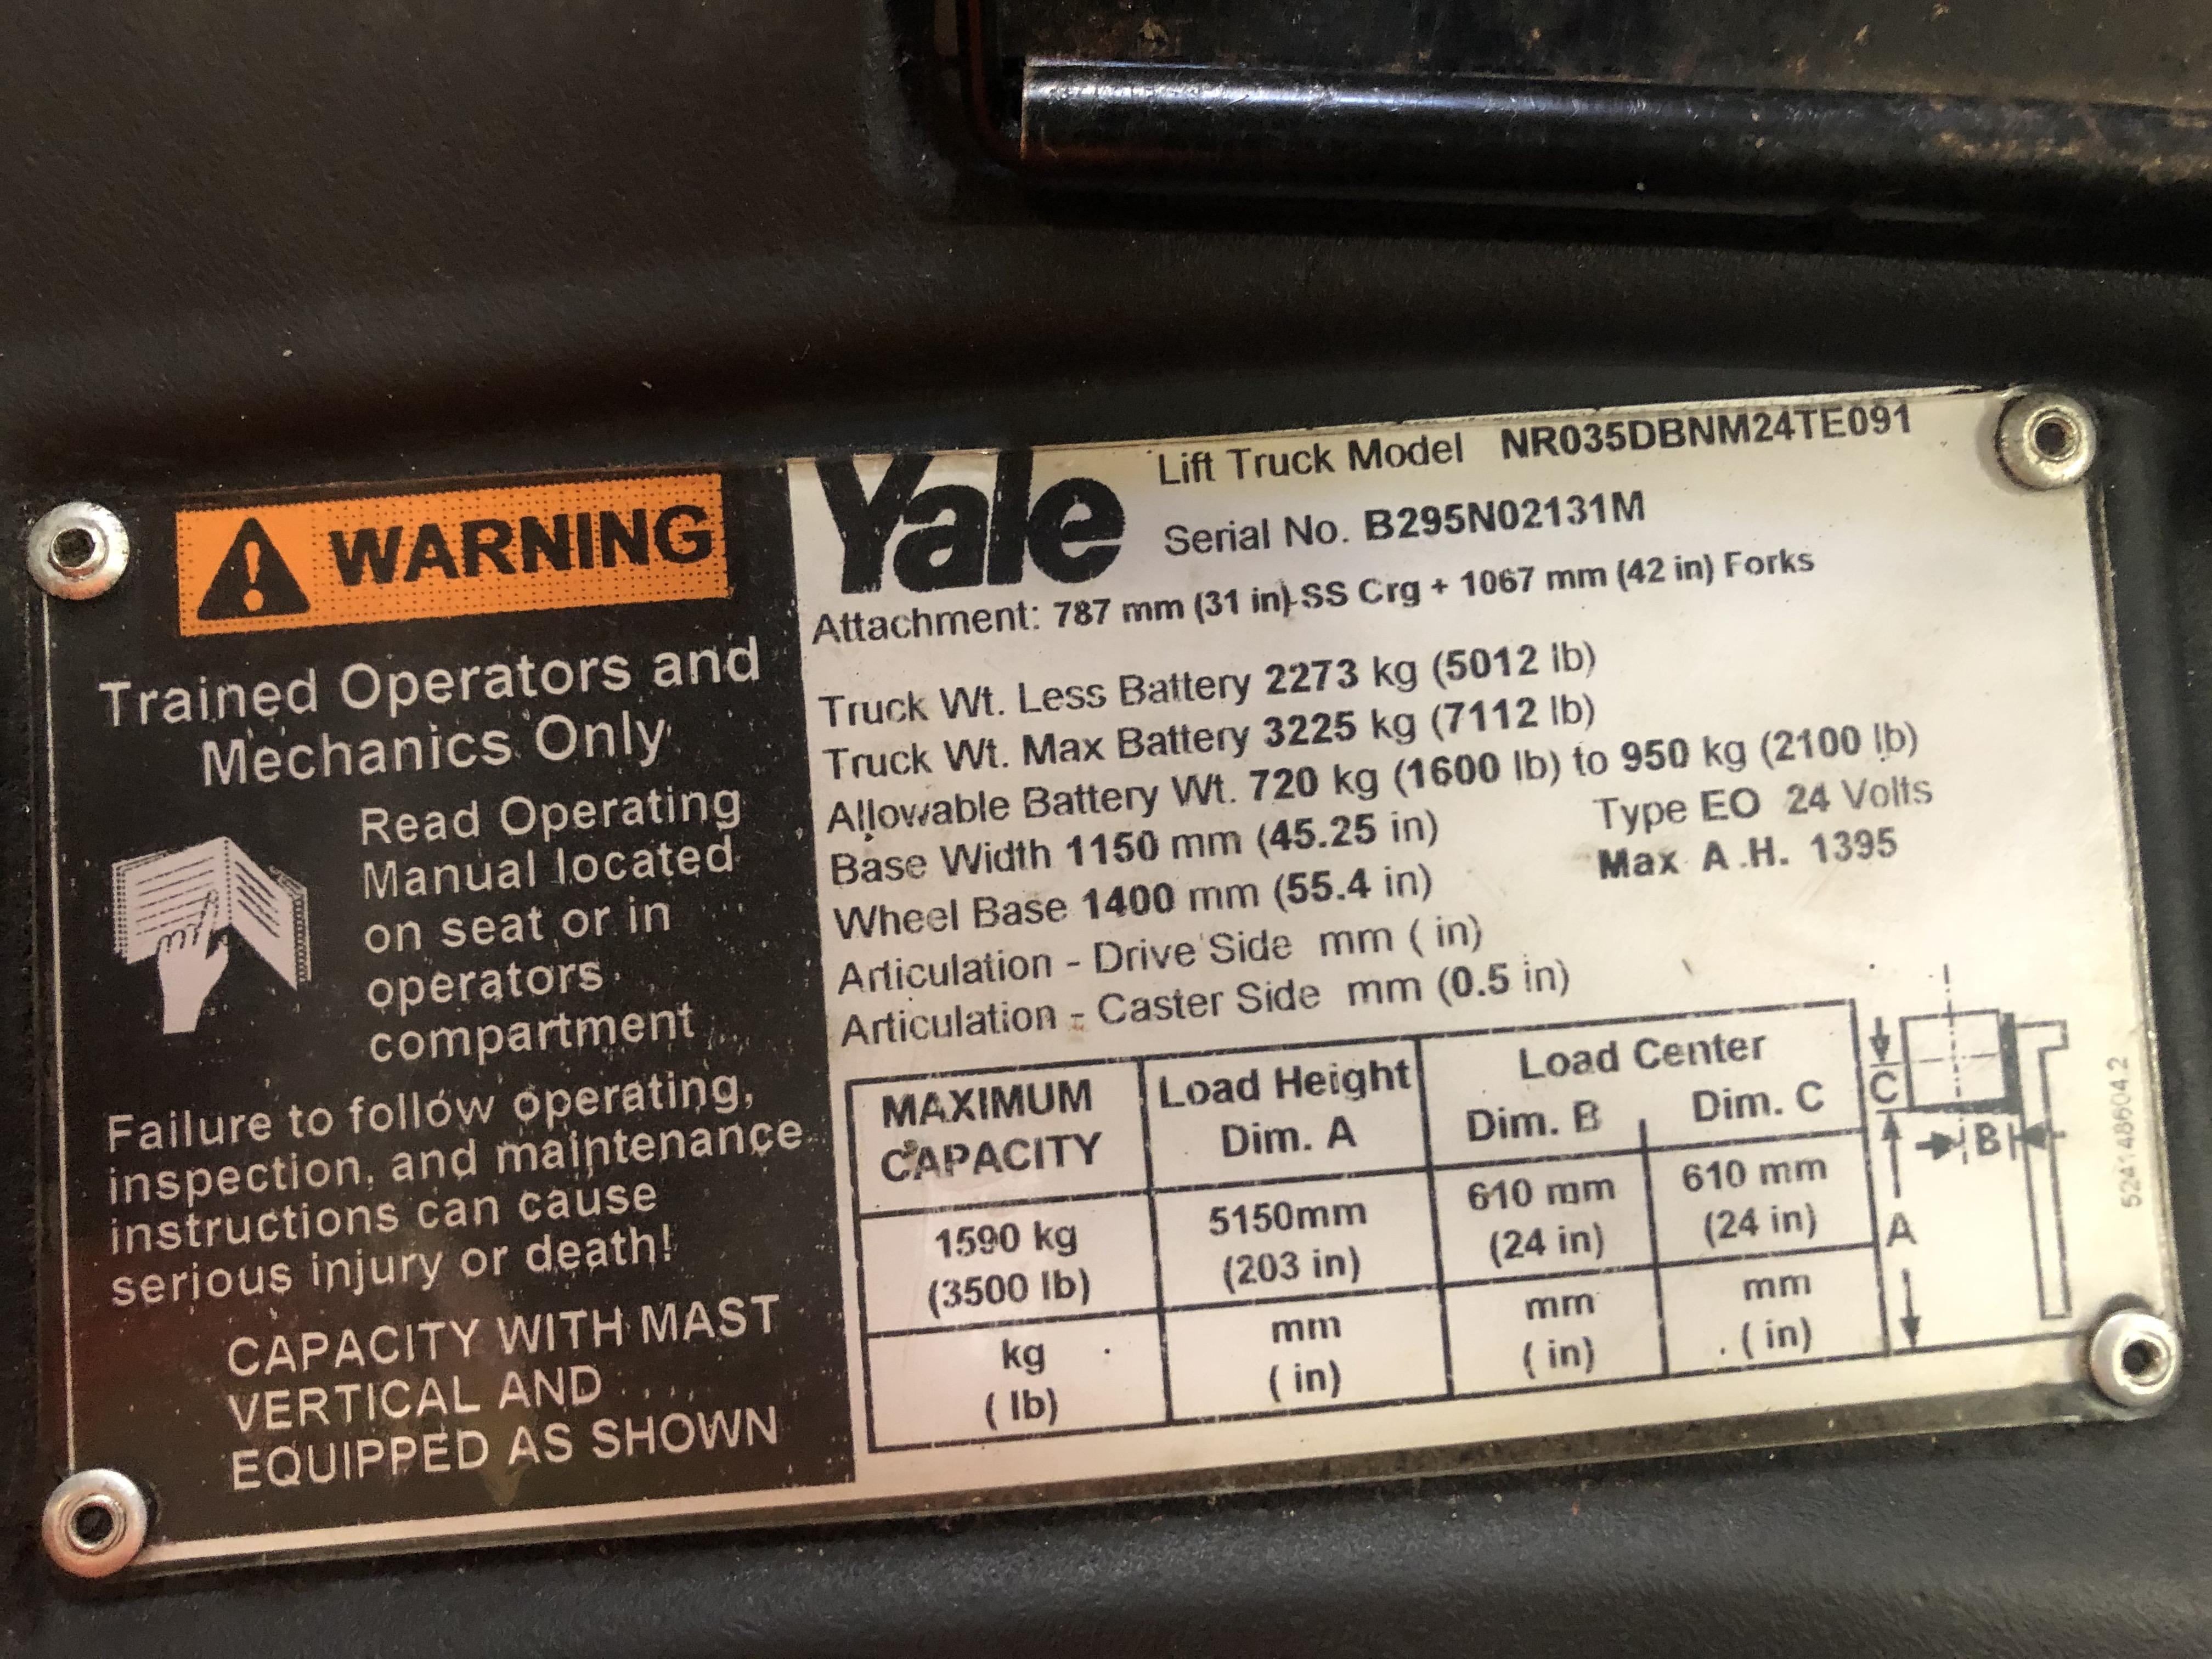 2014 Yale NR035